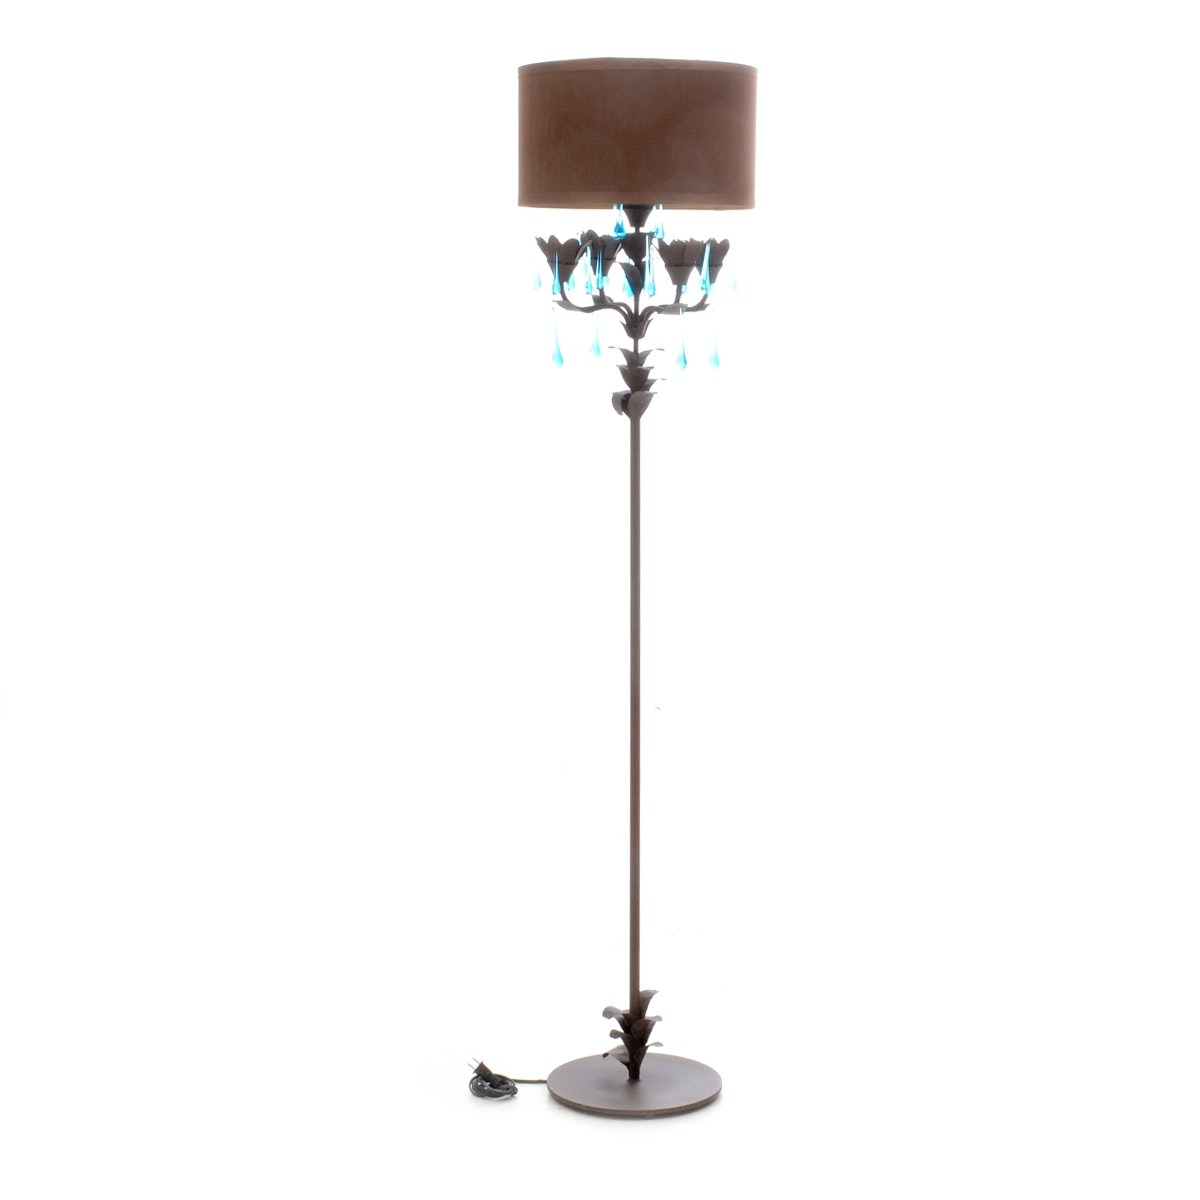 chandelier style floor lamp